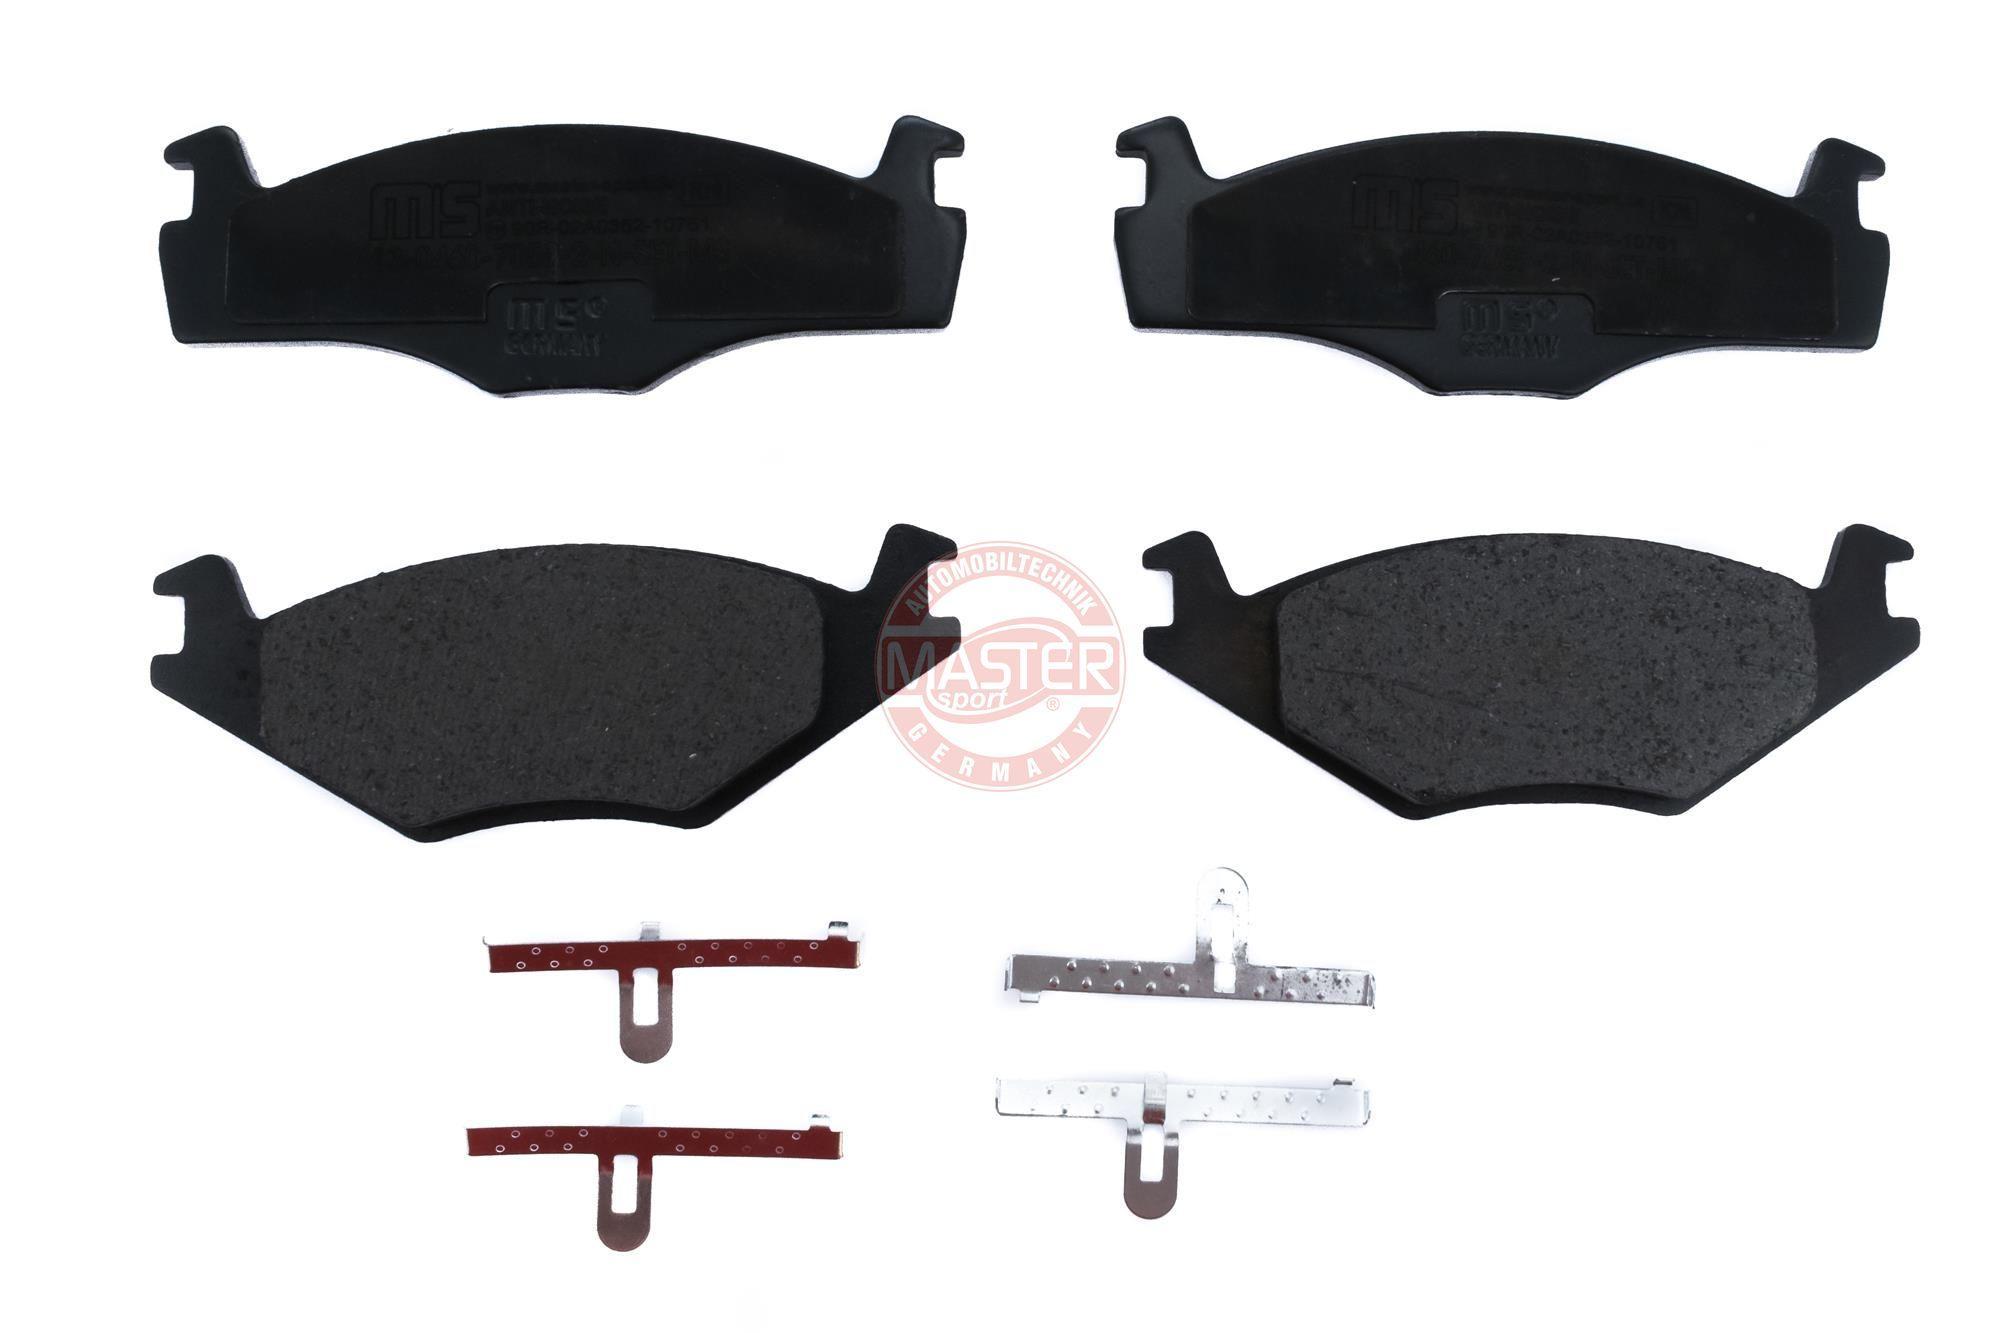 MASTER-SPORT 13046070592N-SET-MS (Hauteur 1: 48,9mm, Hauteur 2: 51,3mm, Largeur: 137,8mm, Épaisseur: 17,3mm) : Kit de plaquettes de frein VW Polo 86c 1993